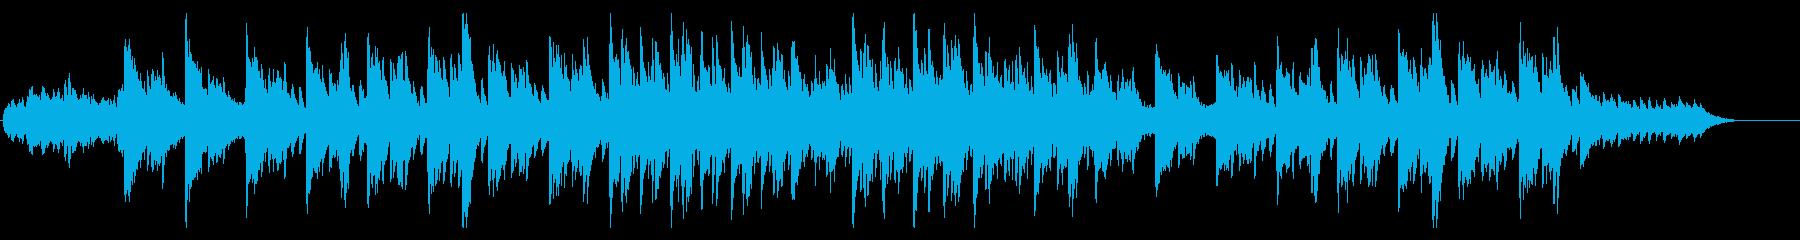 感動的なピアノ/openingの再生済みの波形